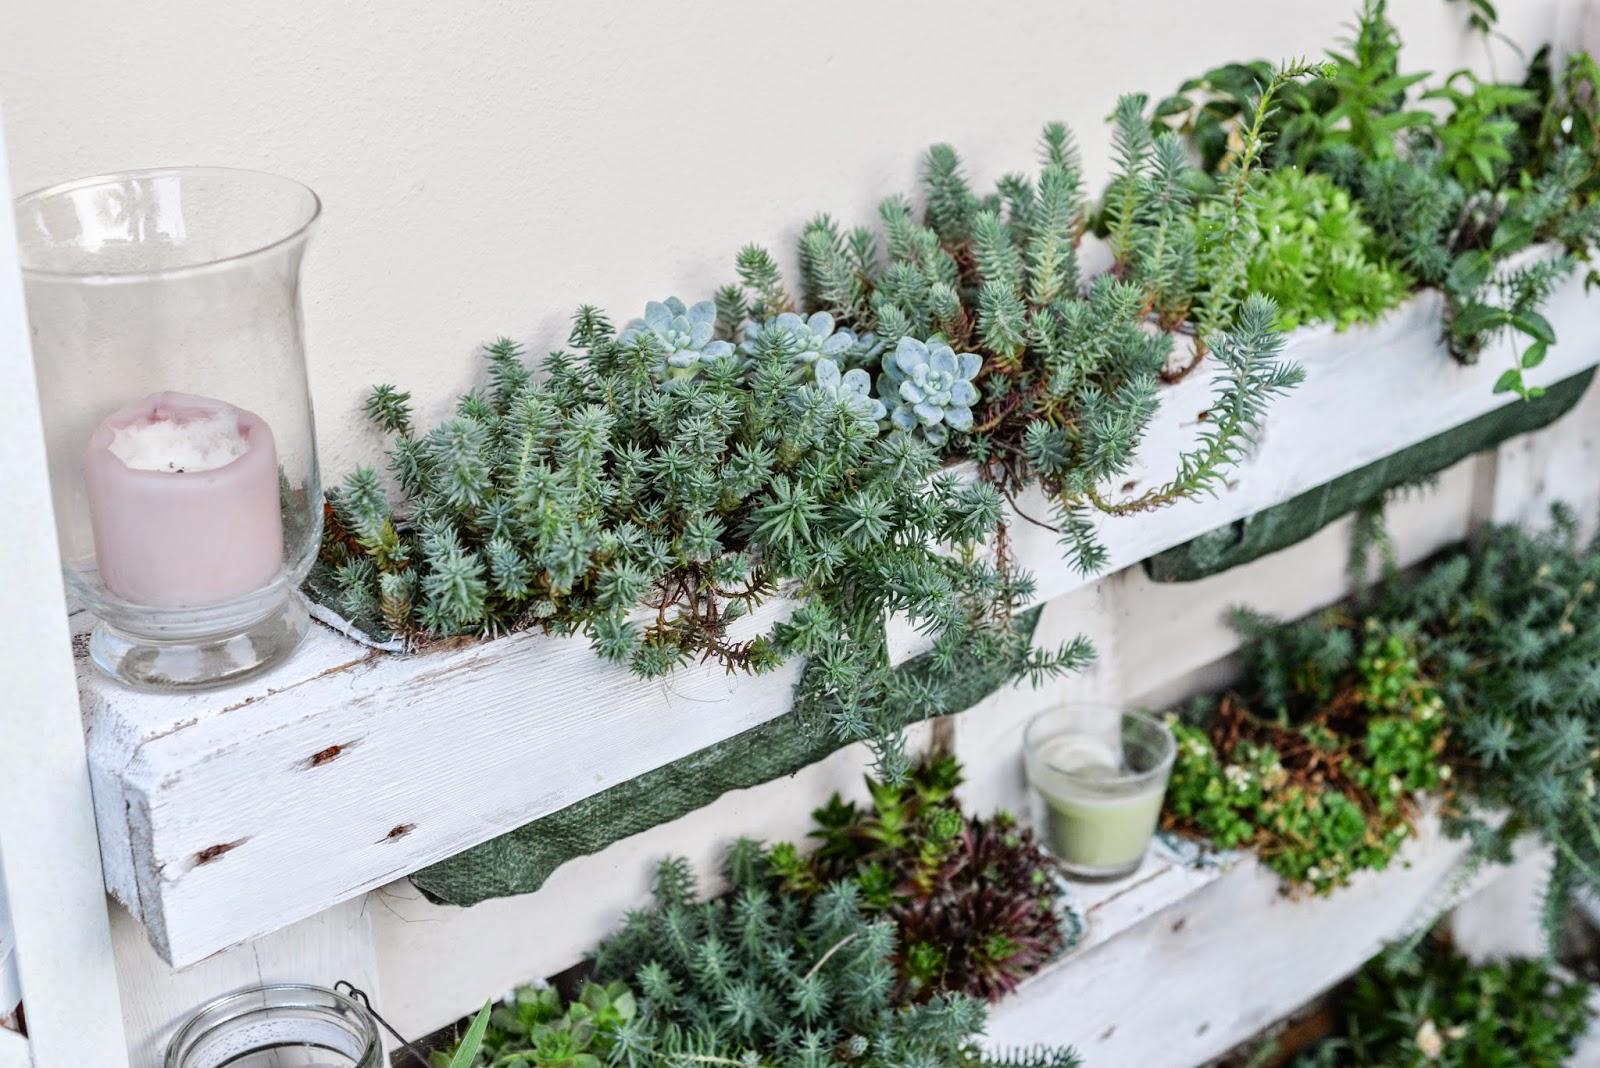 Giardinaggio piante e fiori profumati oui darling for Piante da giardino con fiori